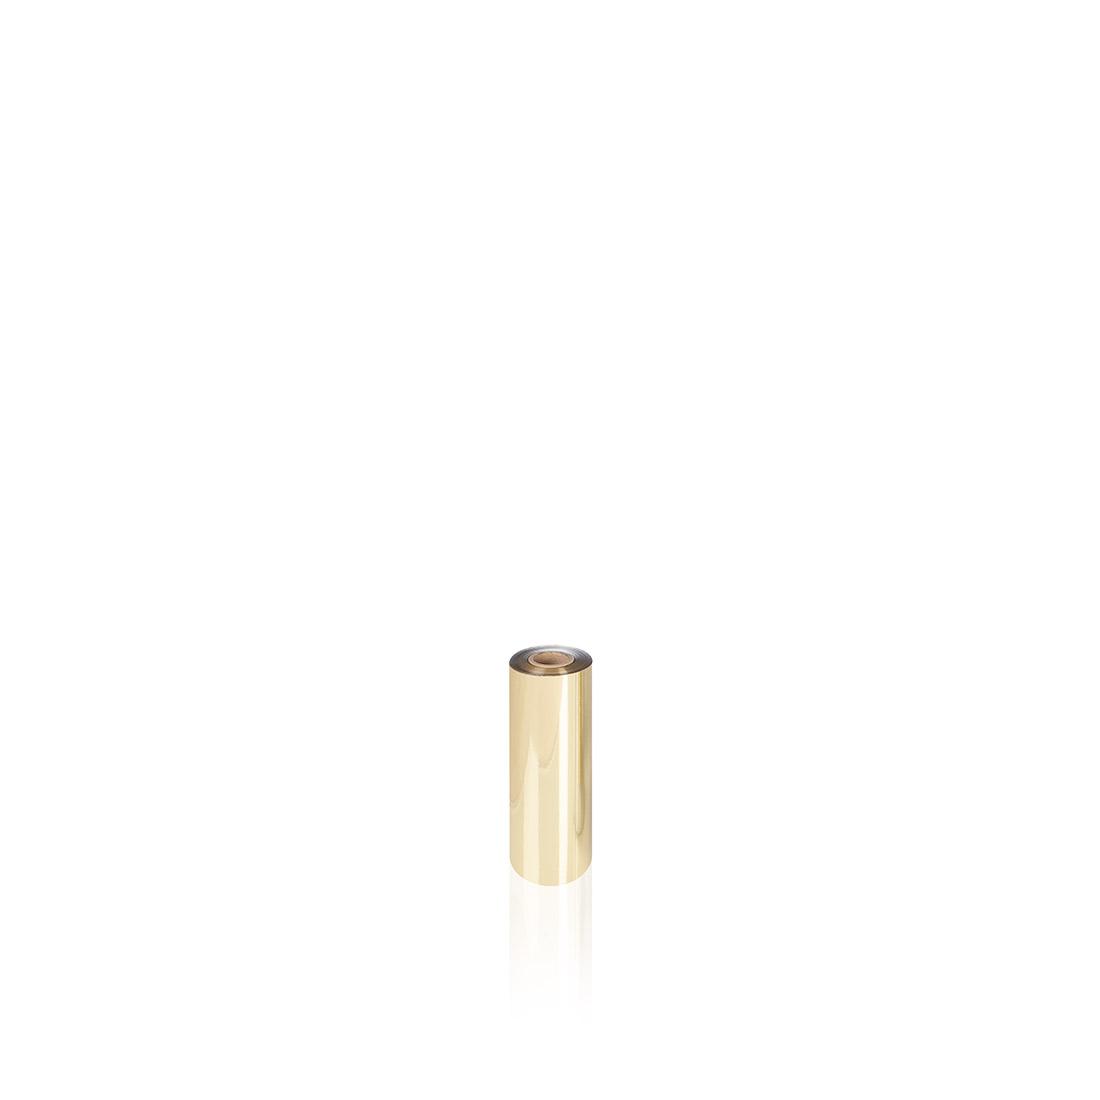 Uniwersalna folia do złoceń, nabłyszczeń w rolce - O.FOIL NEW UNIVERSAL - 16 cm x 120 m - złoty